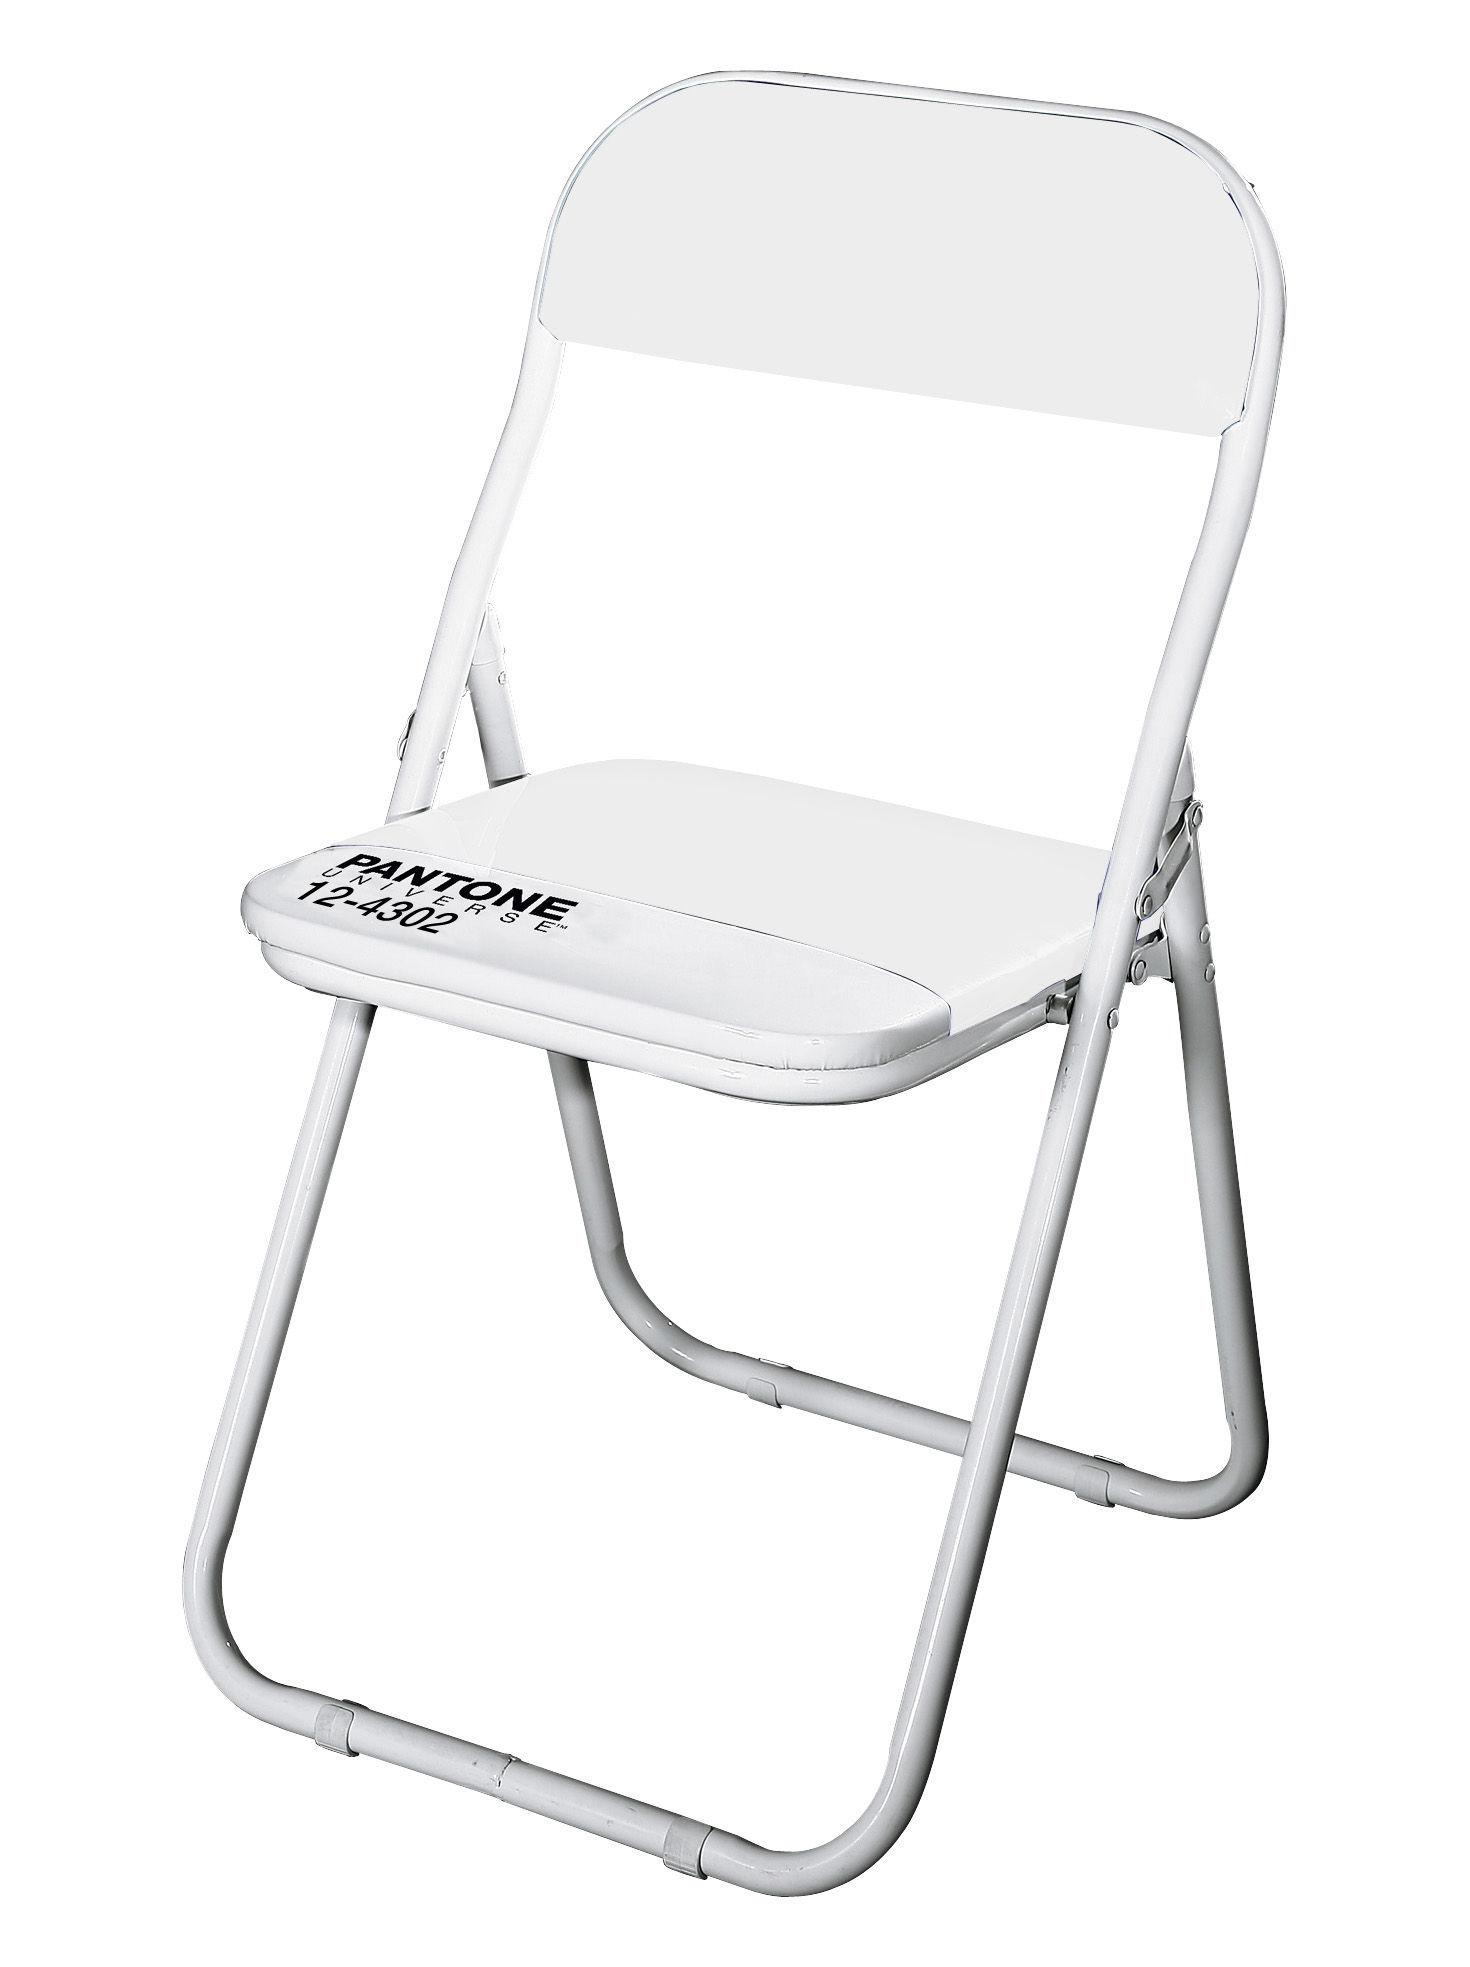 pantone klappstuhl seletti stuhl. Black Bedroom Furniture Sets. Home Design Ideas